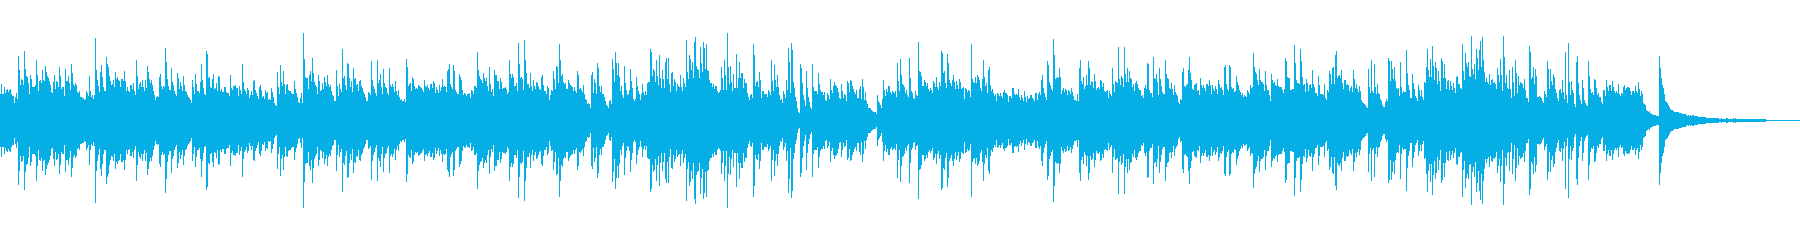 3拍子 あたたかな やさしい ピアノソロの再生済みの波形